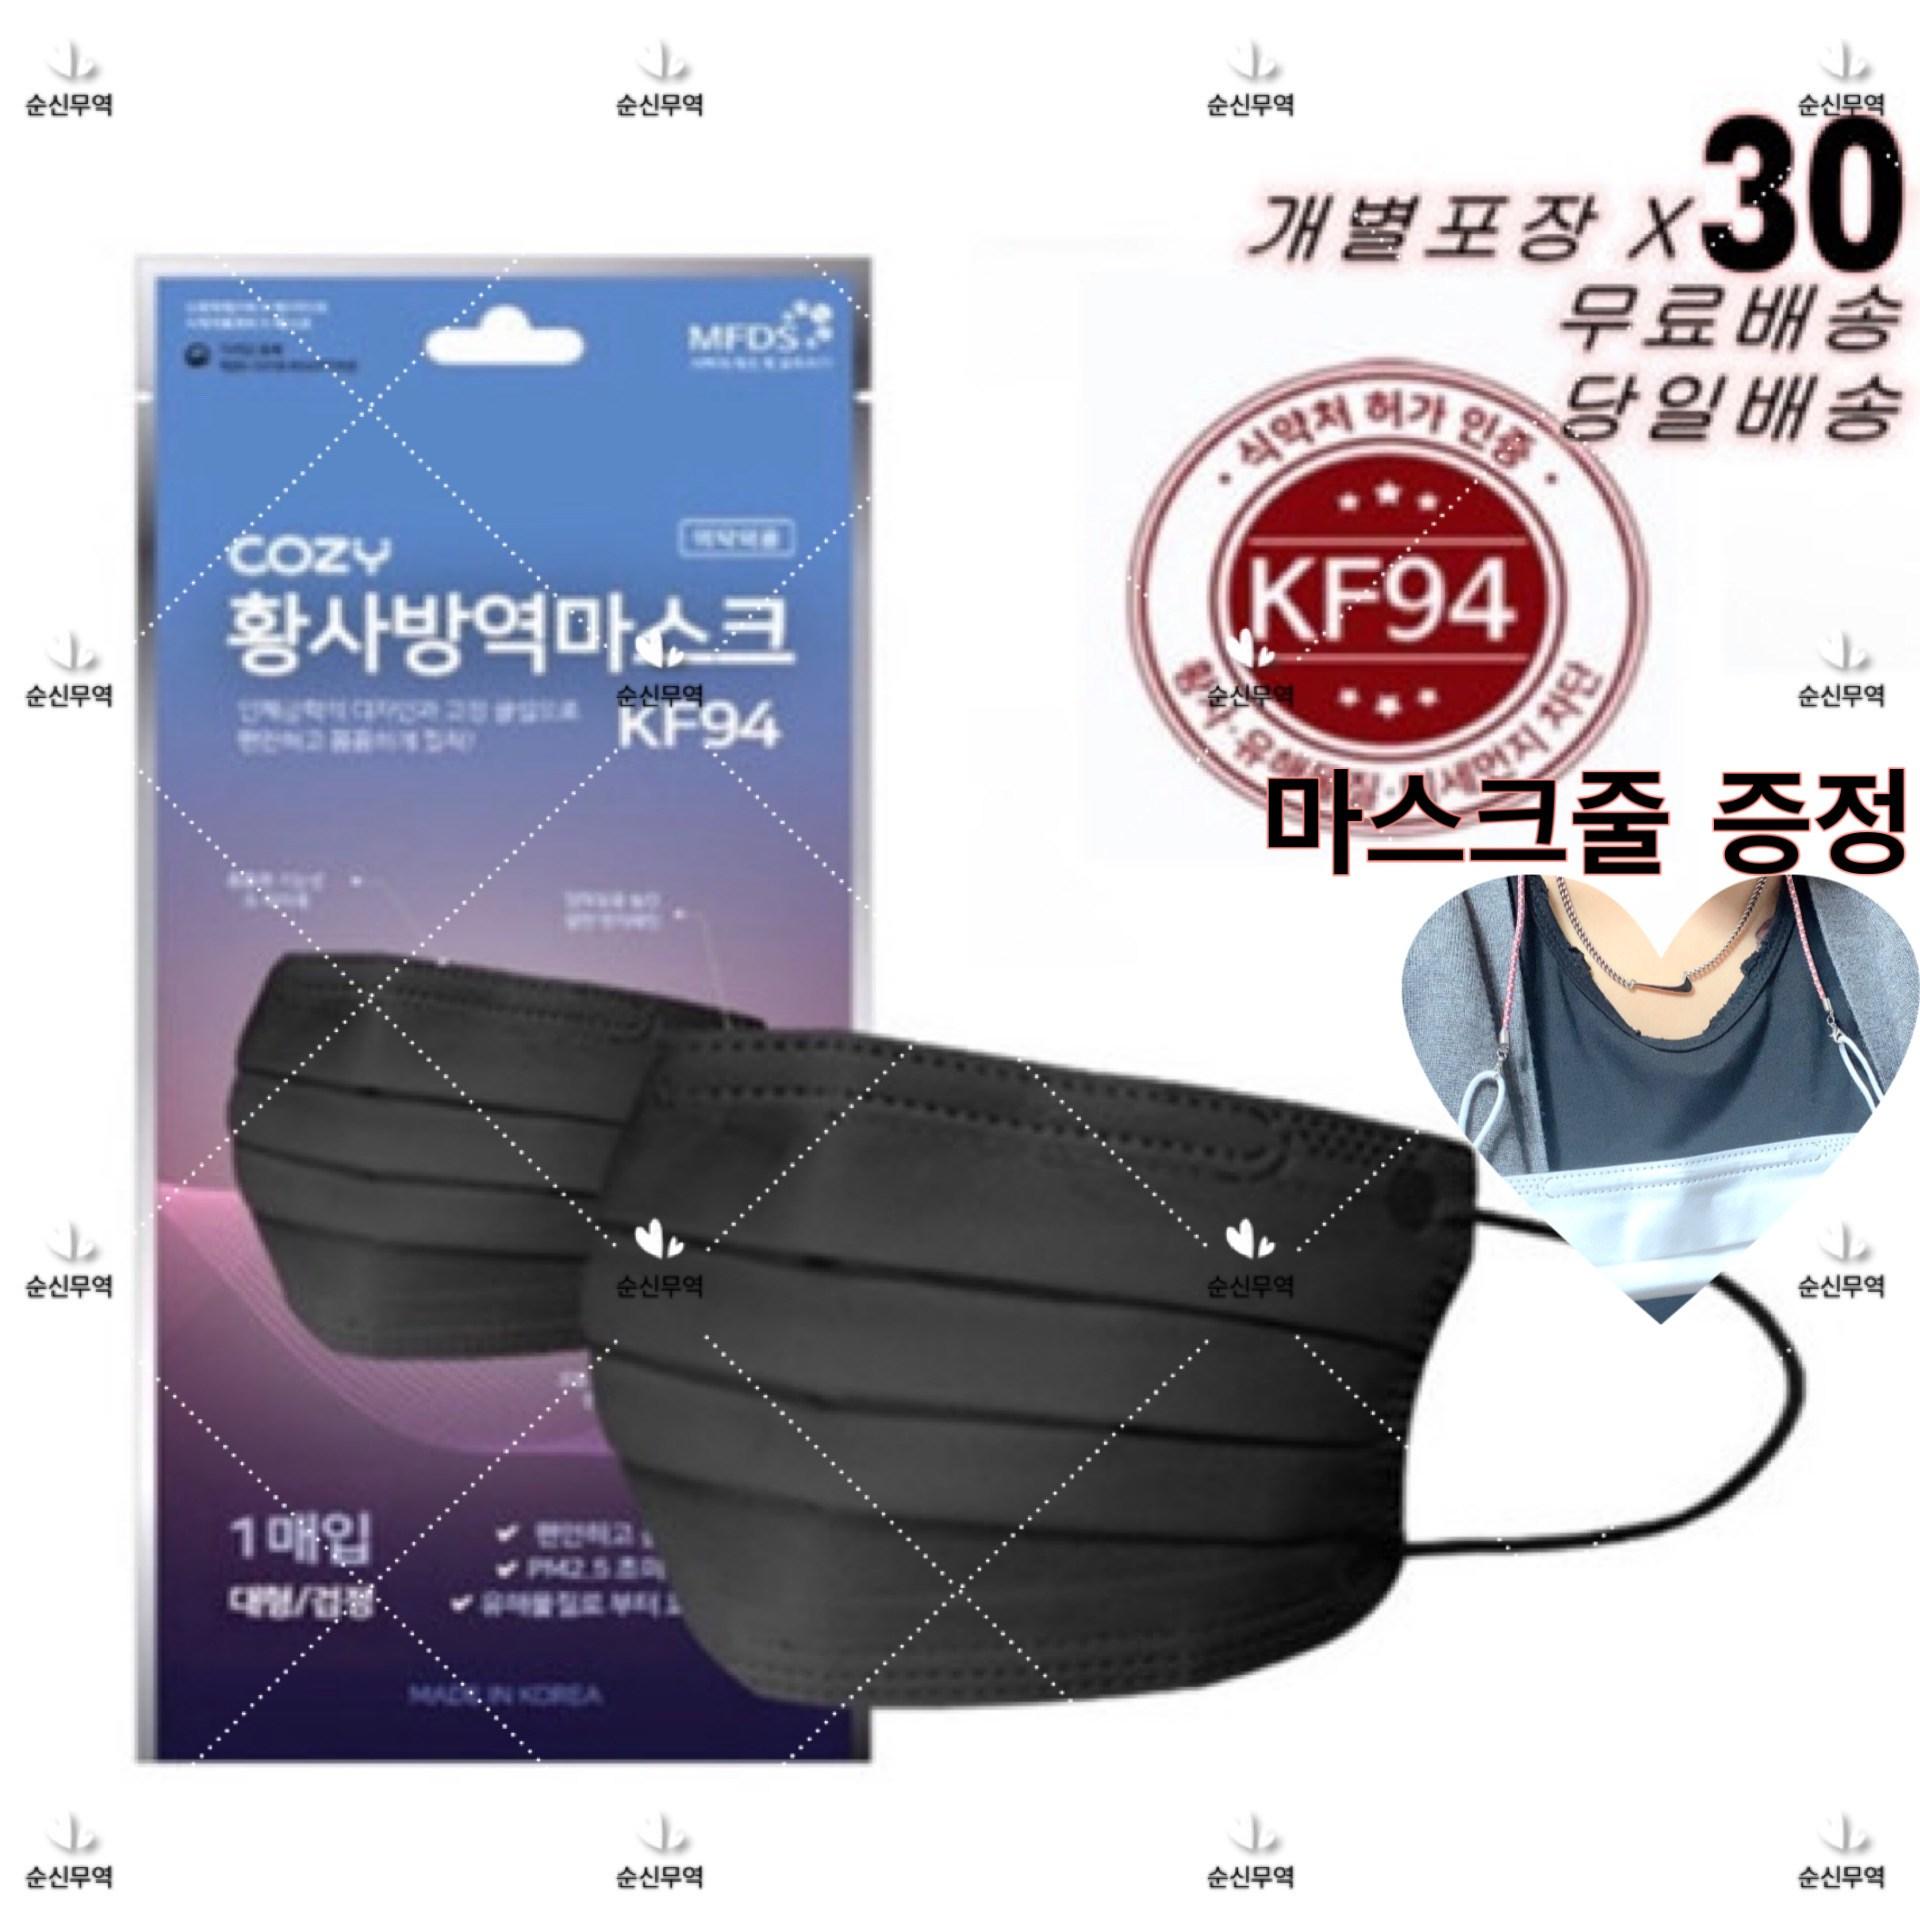 코지COZY KF94 황사방역마스크 블랙 개별포장X10X30매 마스크줄 증정 국산 당일배송, 1개입, 30개